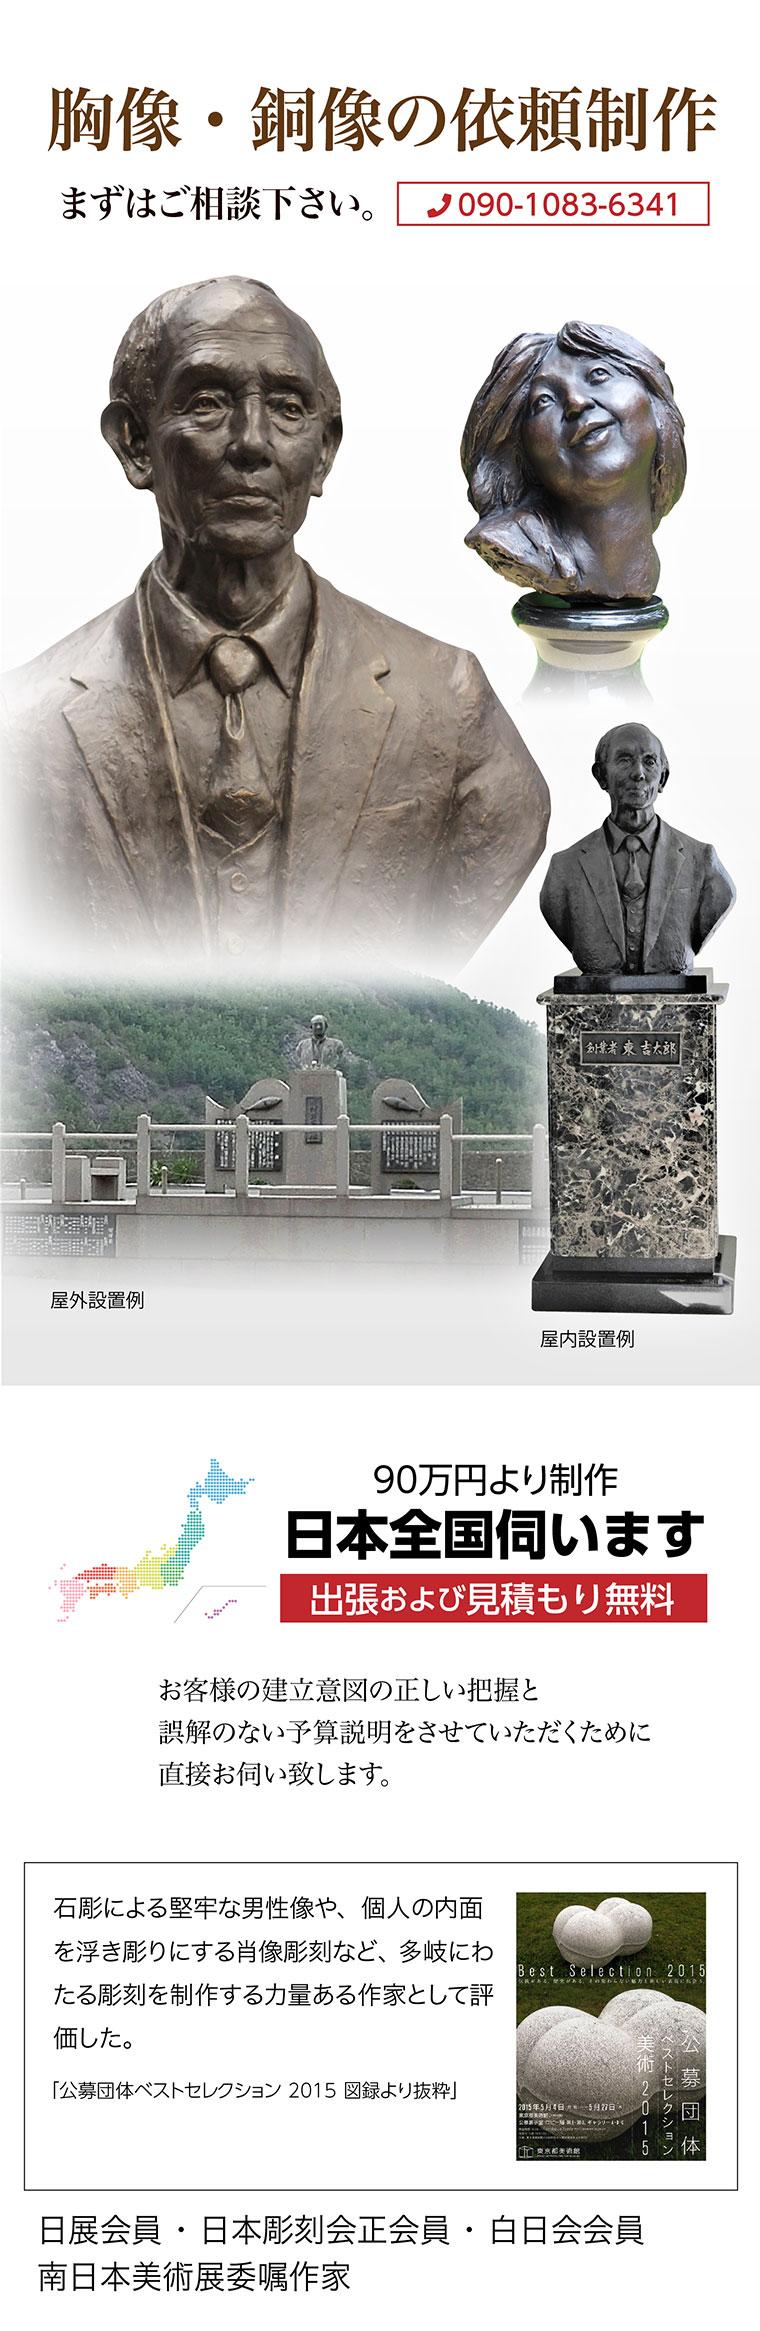 胸像・銅像の依頼制作。まずはご相談下さい。 | 出張および見積もり無料。日本全国伺います。